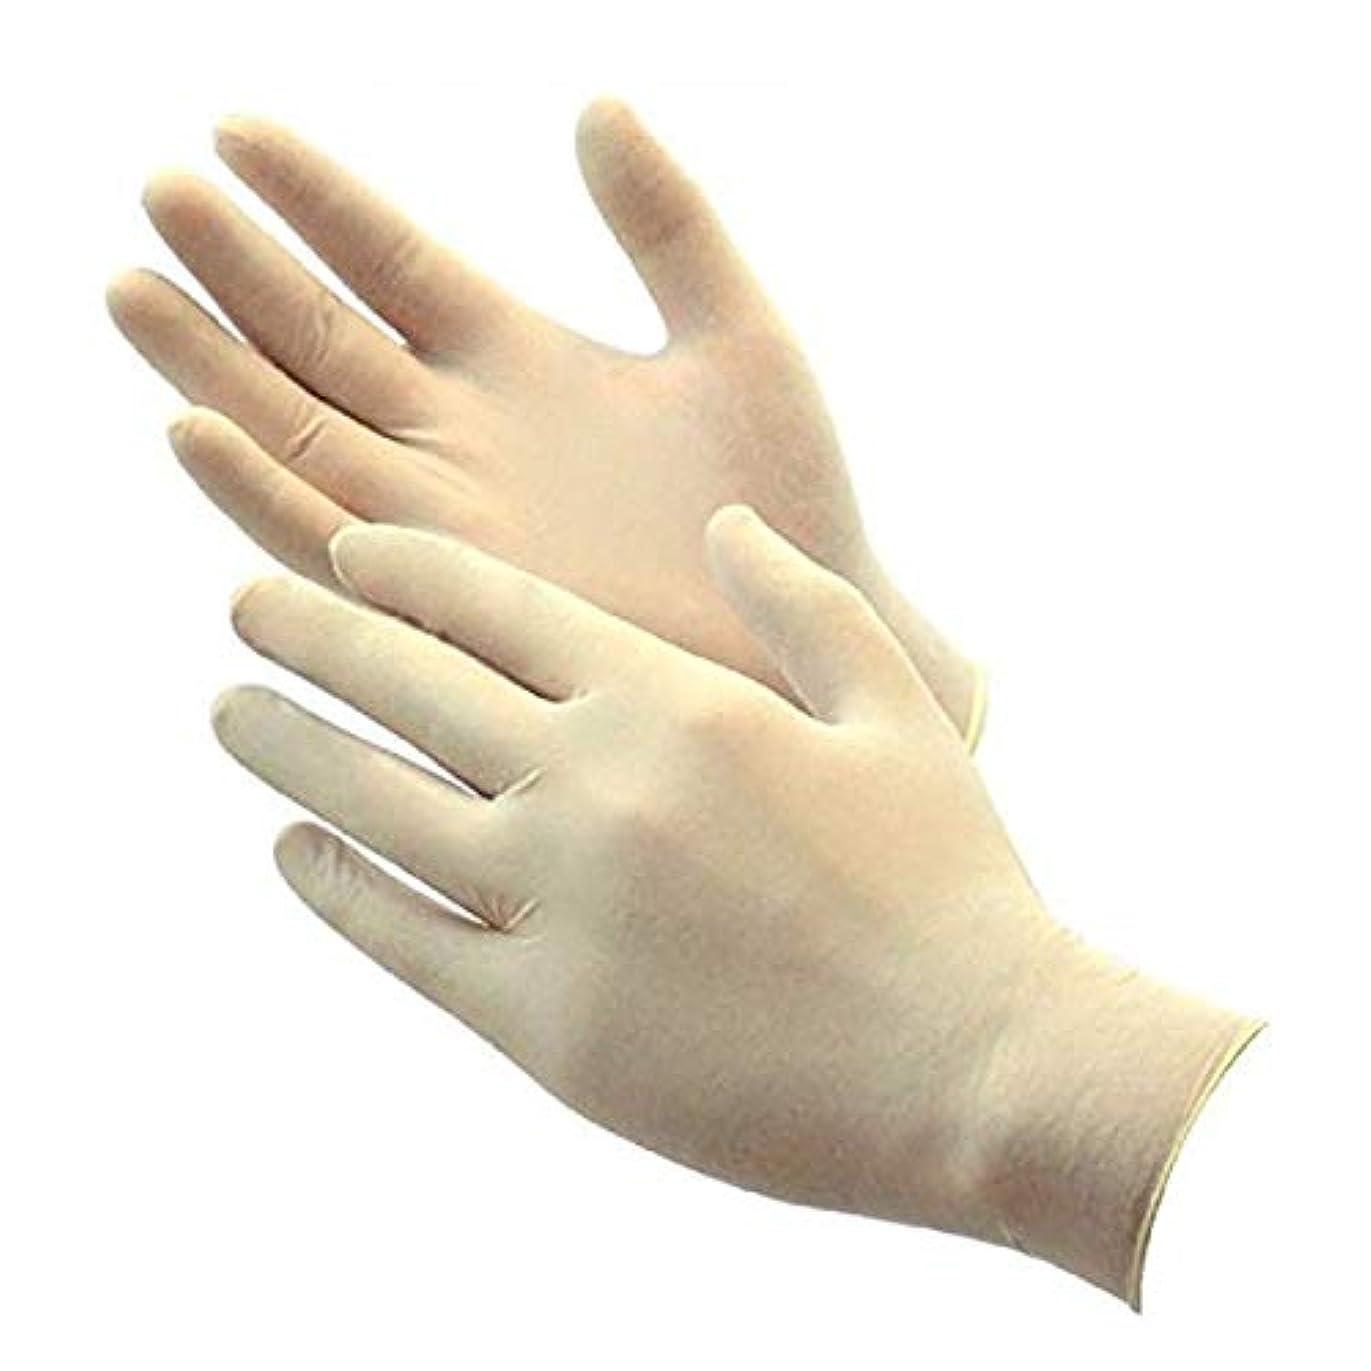 のヒープめまいイーウェル高品質ラテックス手袋(クリーンパック)100枚入り (L)